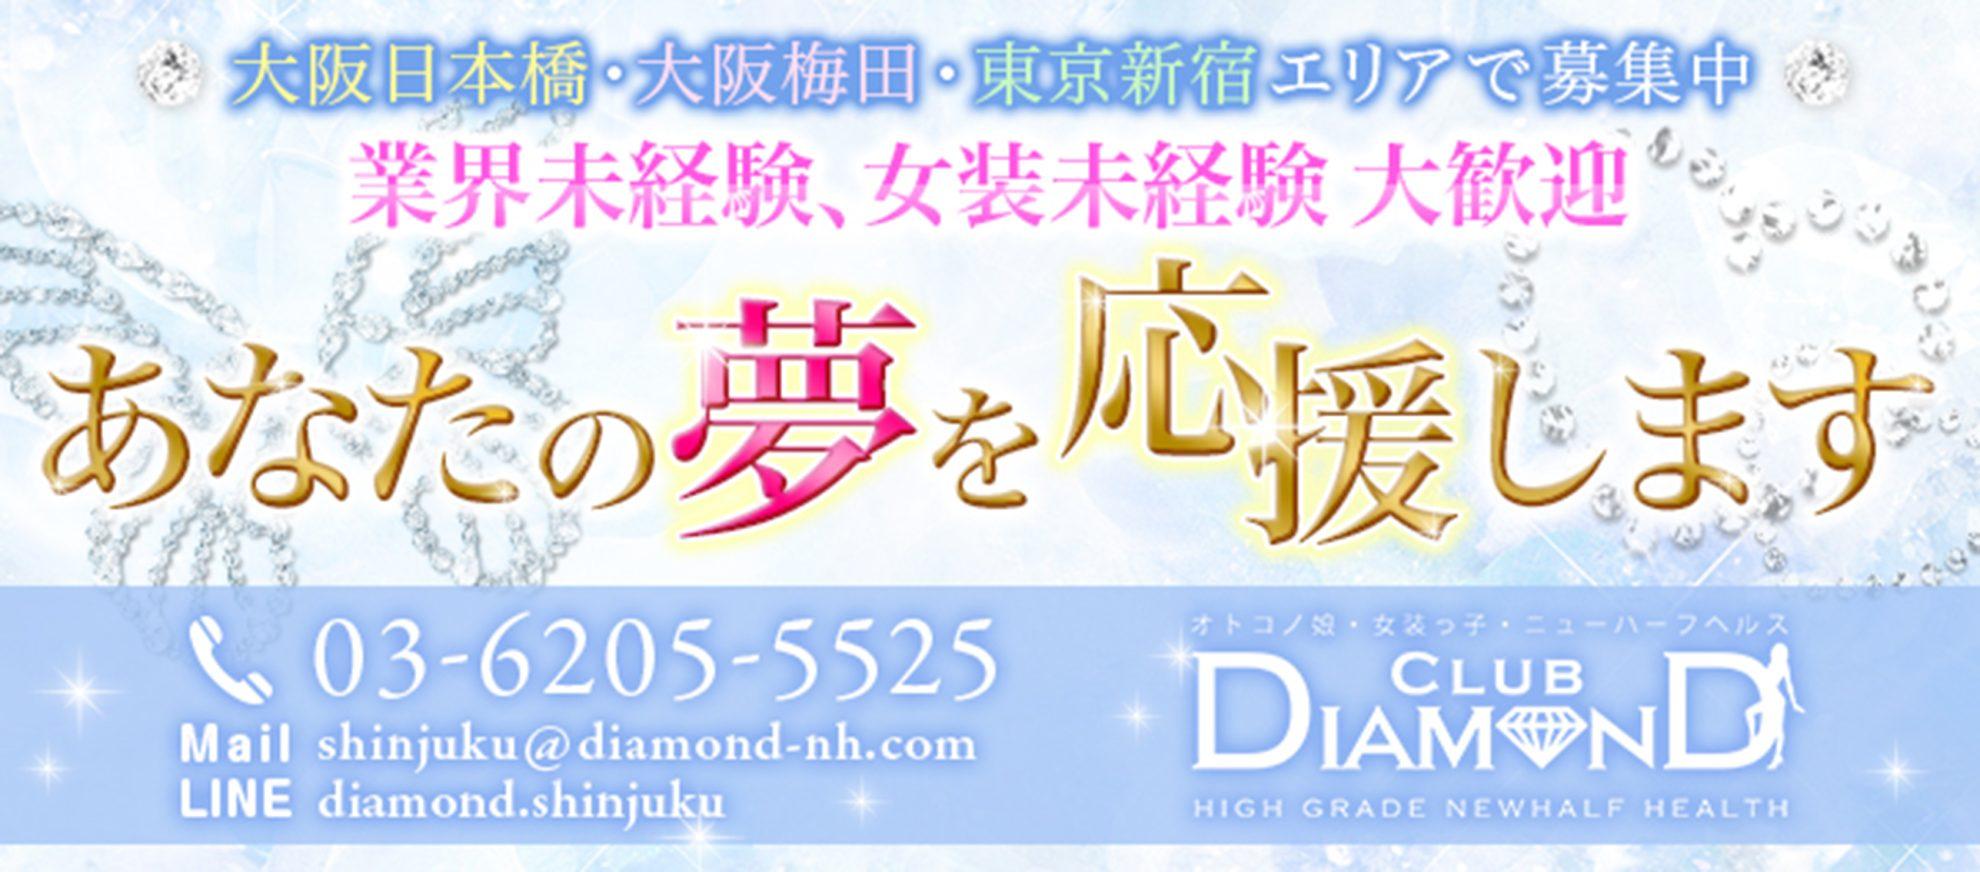 求人|大阪・梅田ニューハーフヘルスClub DIAMOND(クラブダイアモンド)